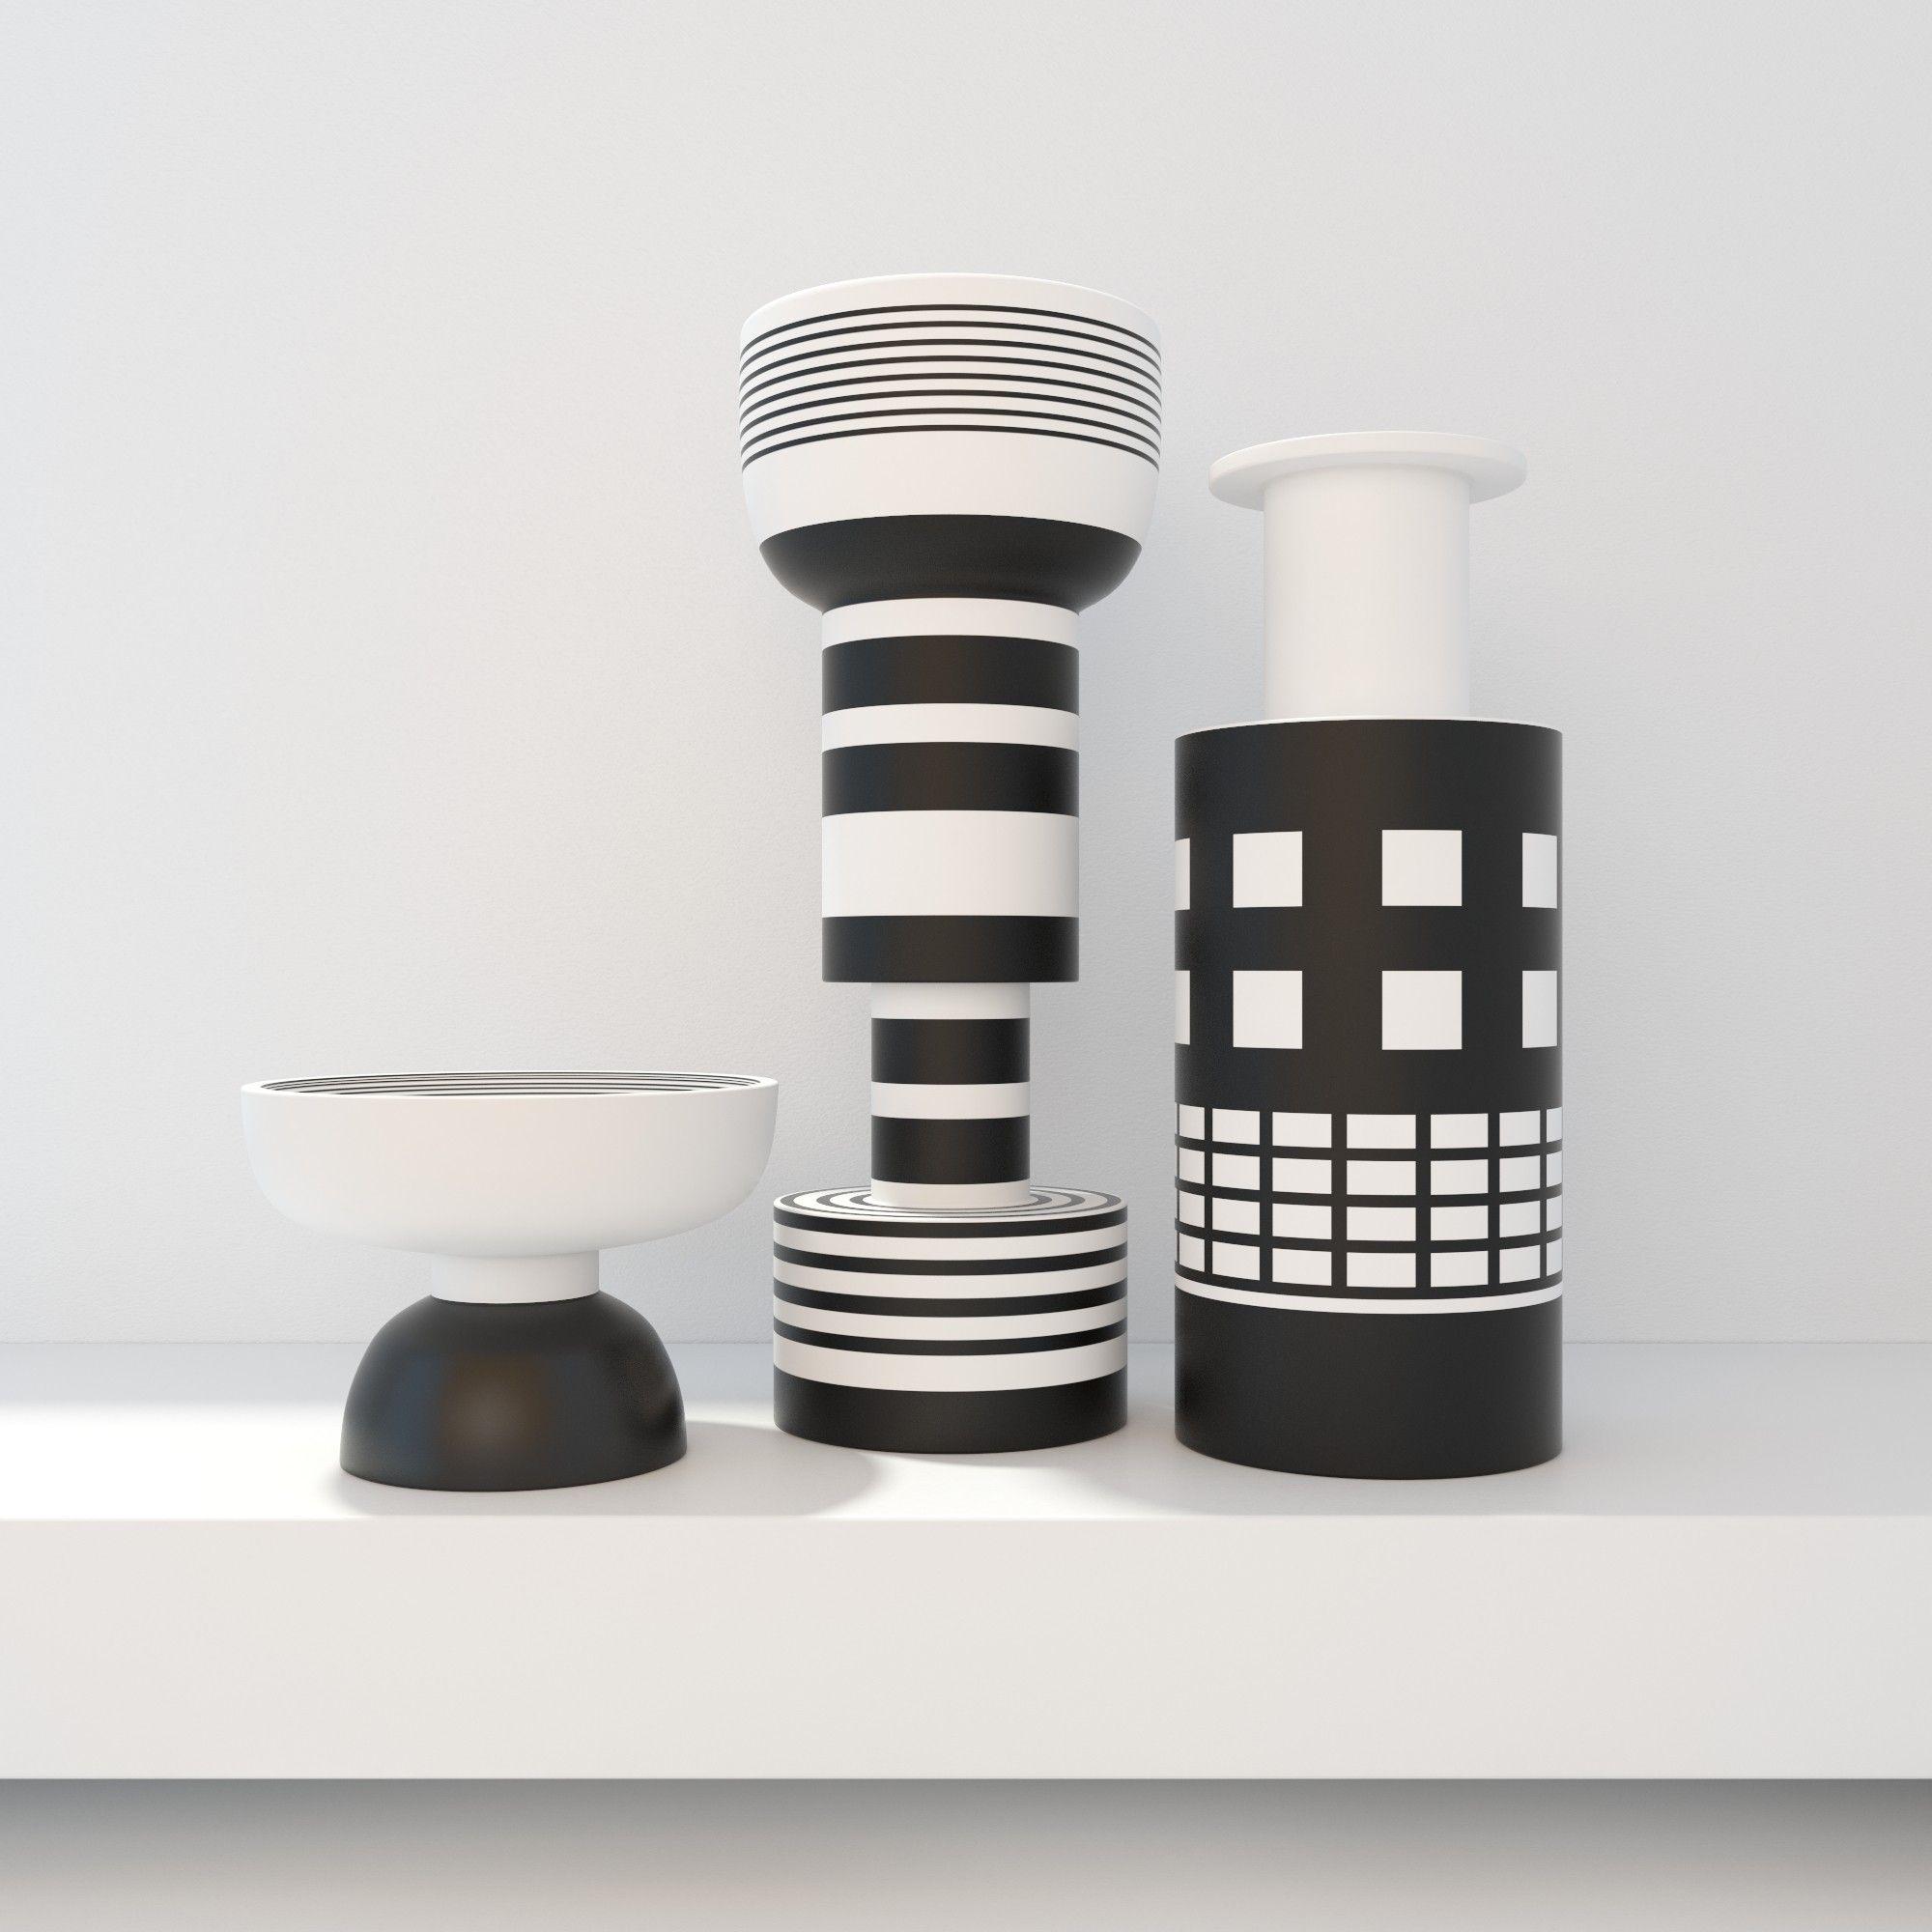 Design interior accessories modern ceramic decorative vases design interior accessories modern ceramic decorative vases contemporary style reviewsmspy